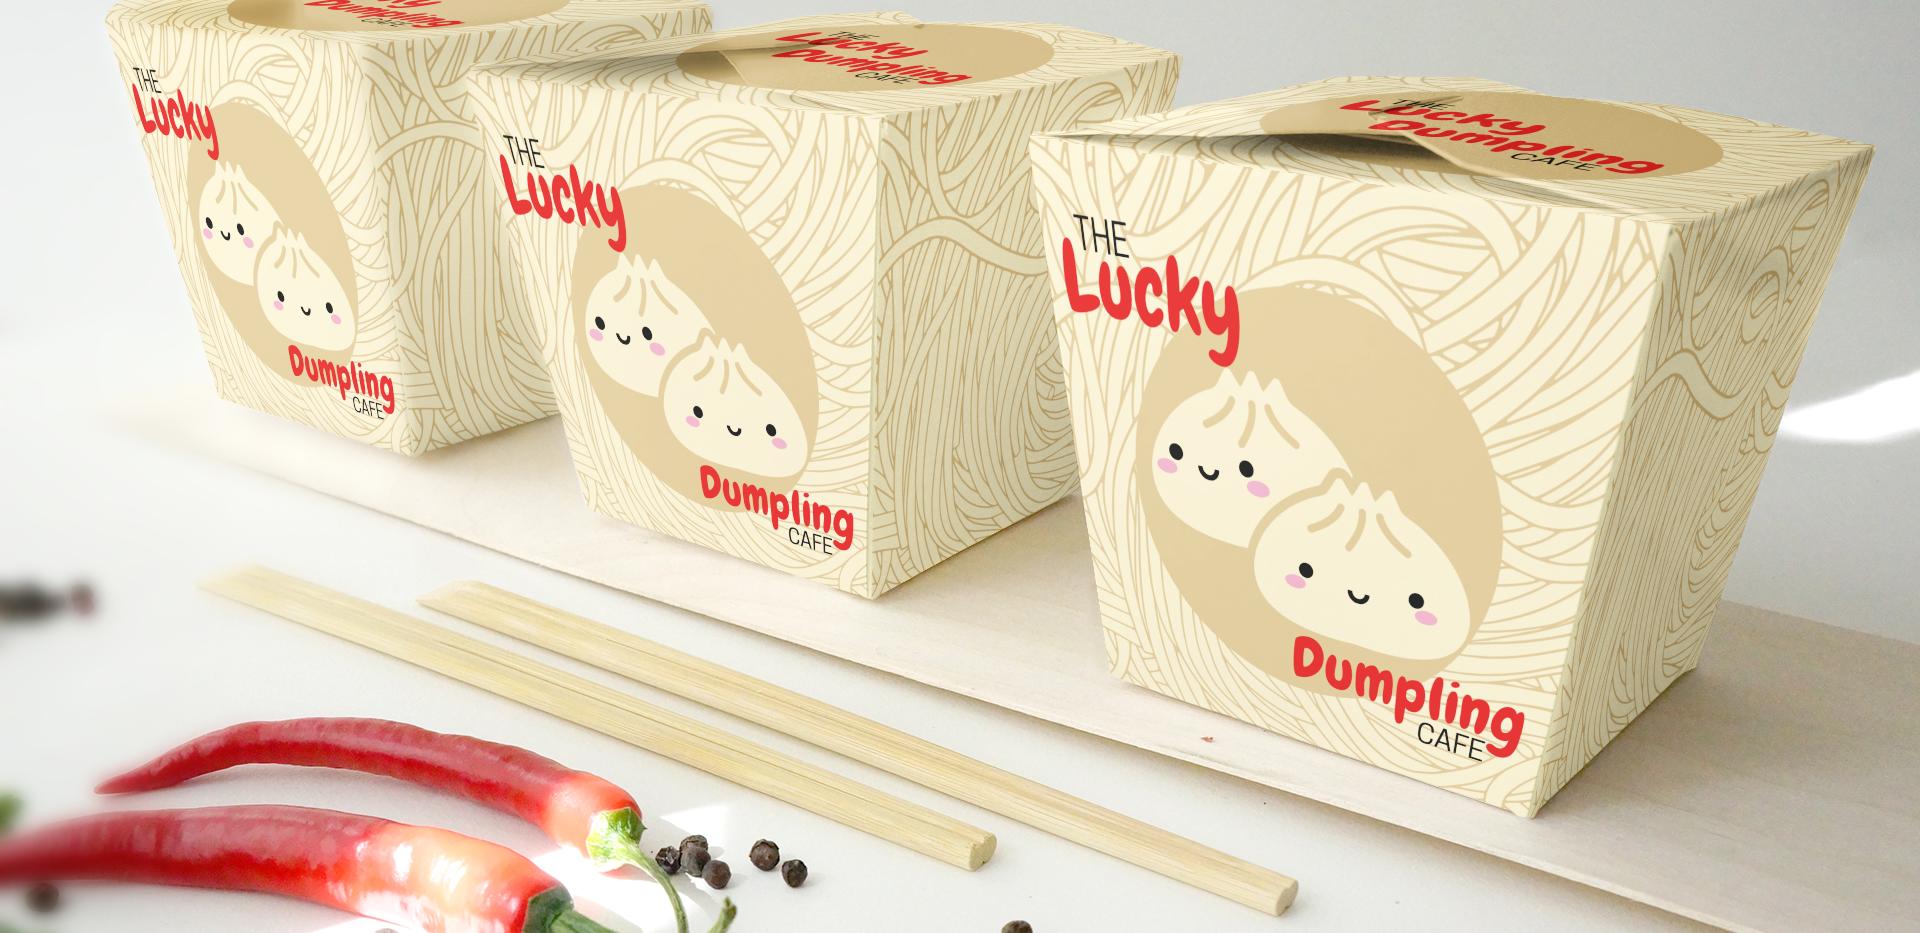 'The Lucky Dumpling Cafe' Restaurant Concept